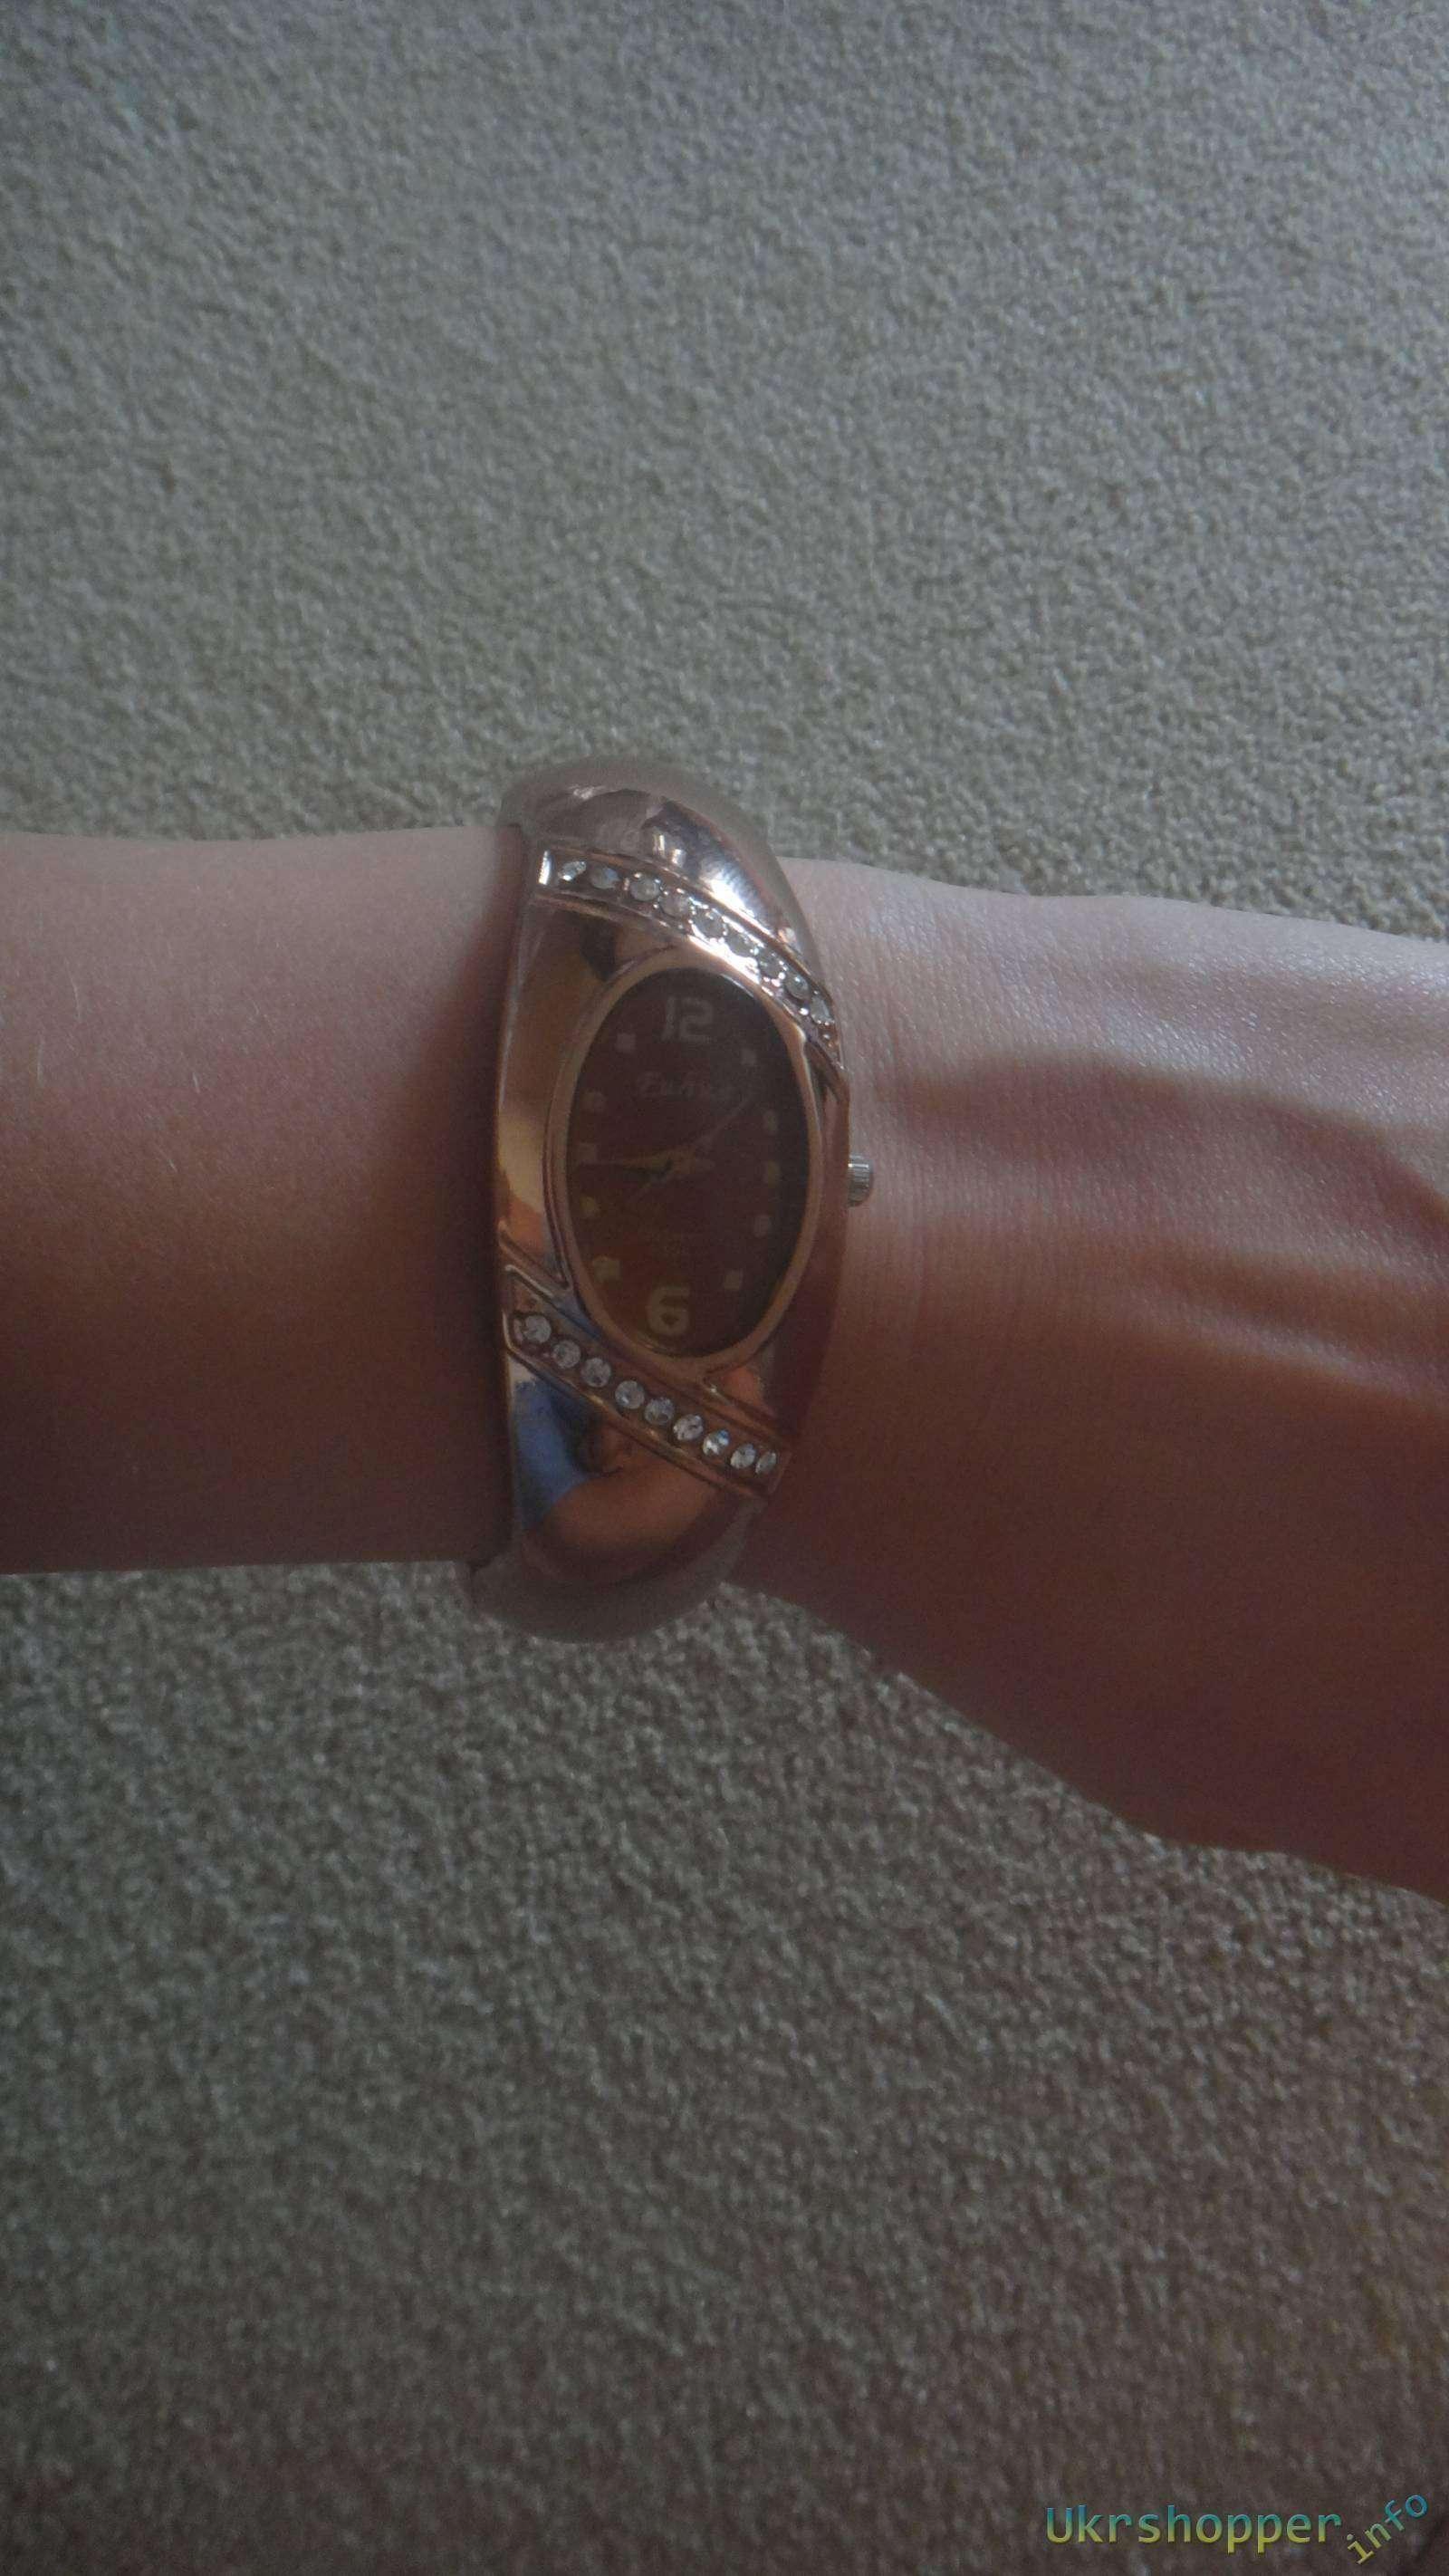 Comebuy.com: Обзор  часов-браслета с кварцевым механизмом